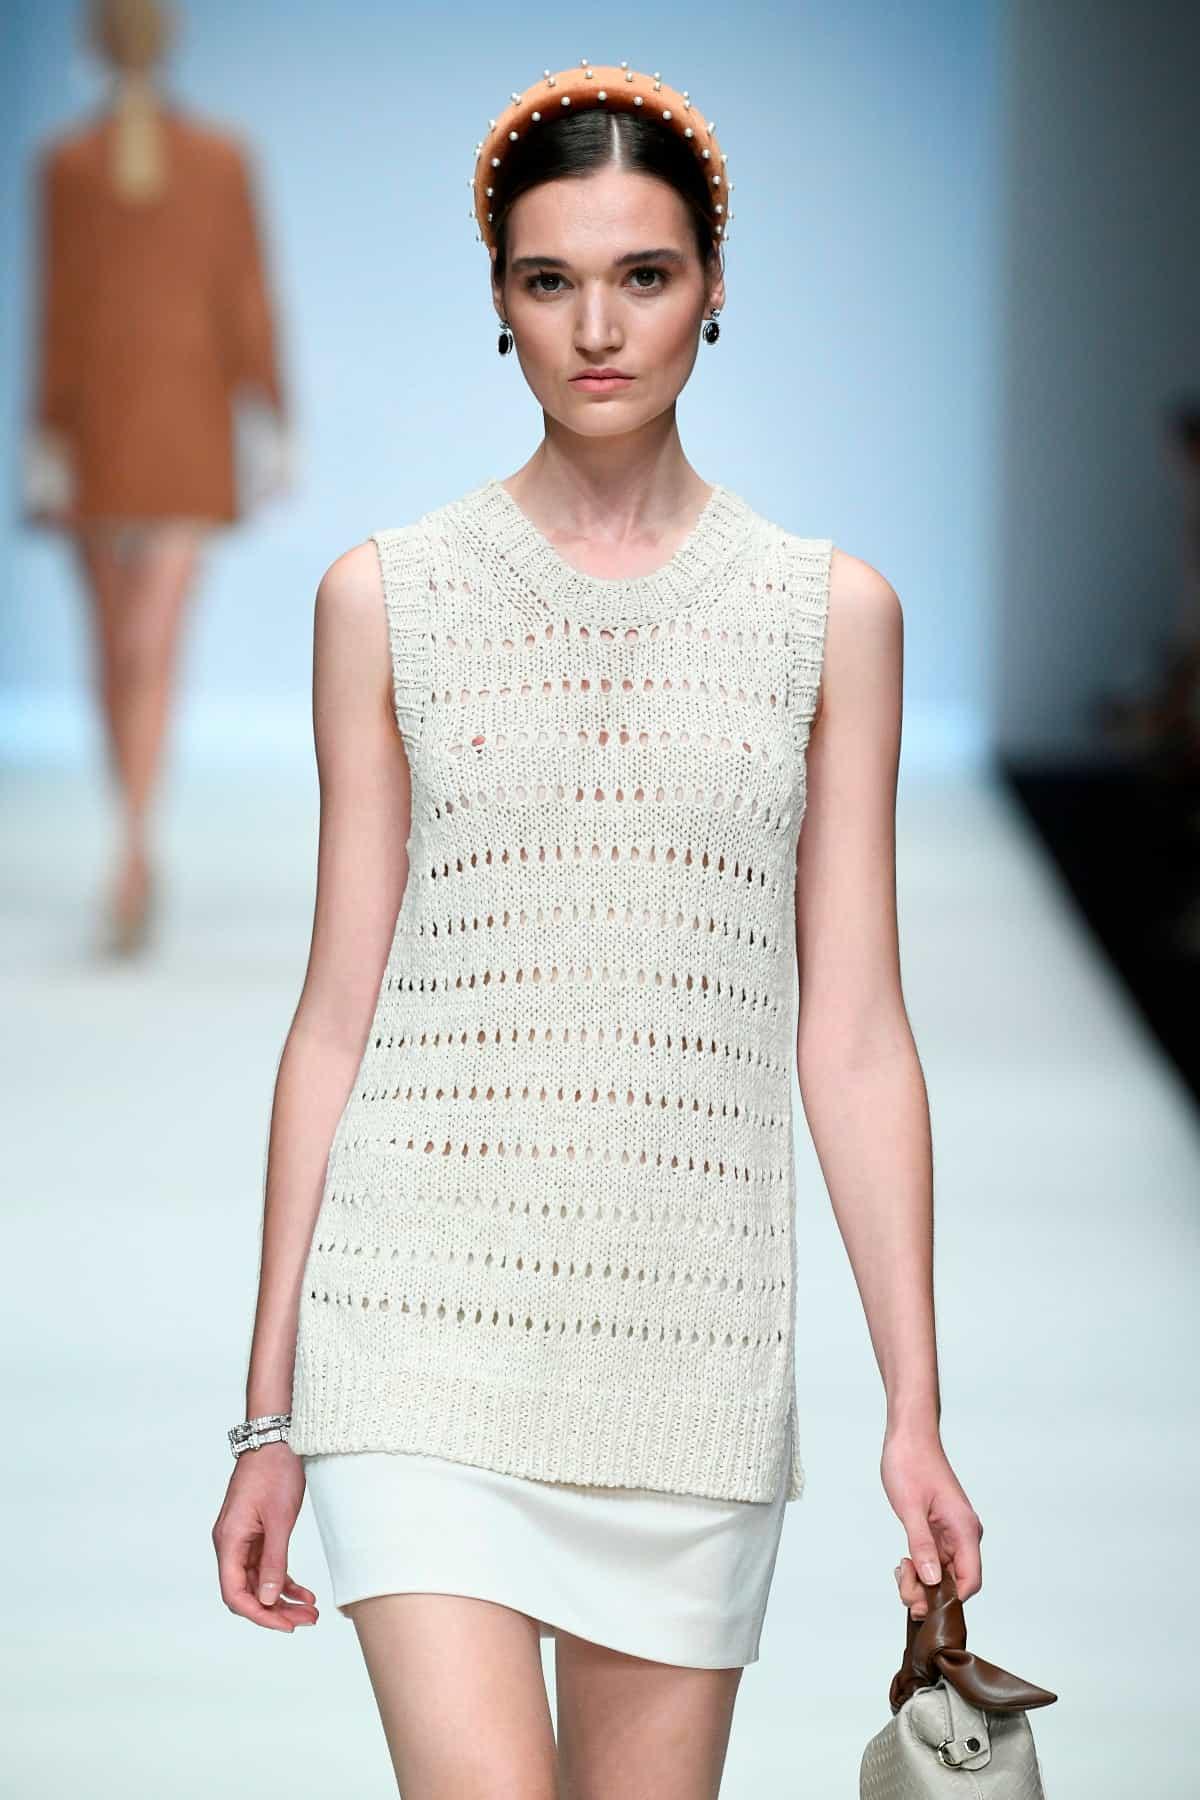 Riani Frühjahr-Sommer-Mode 2020 auf der Mercedes-Benz Fashion Week Berlin im Juli 2019 - 3